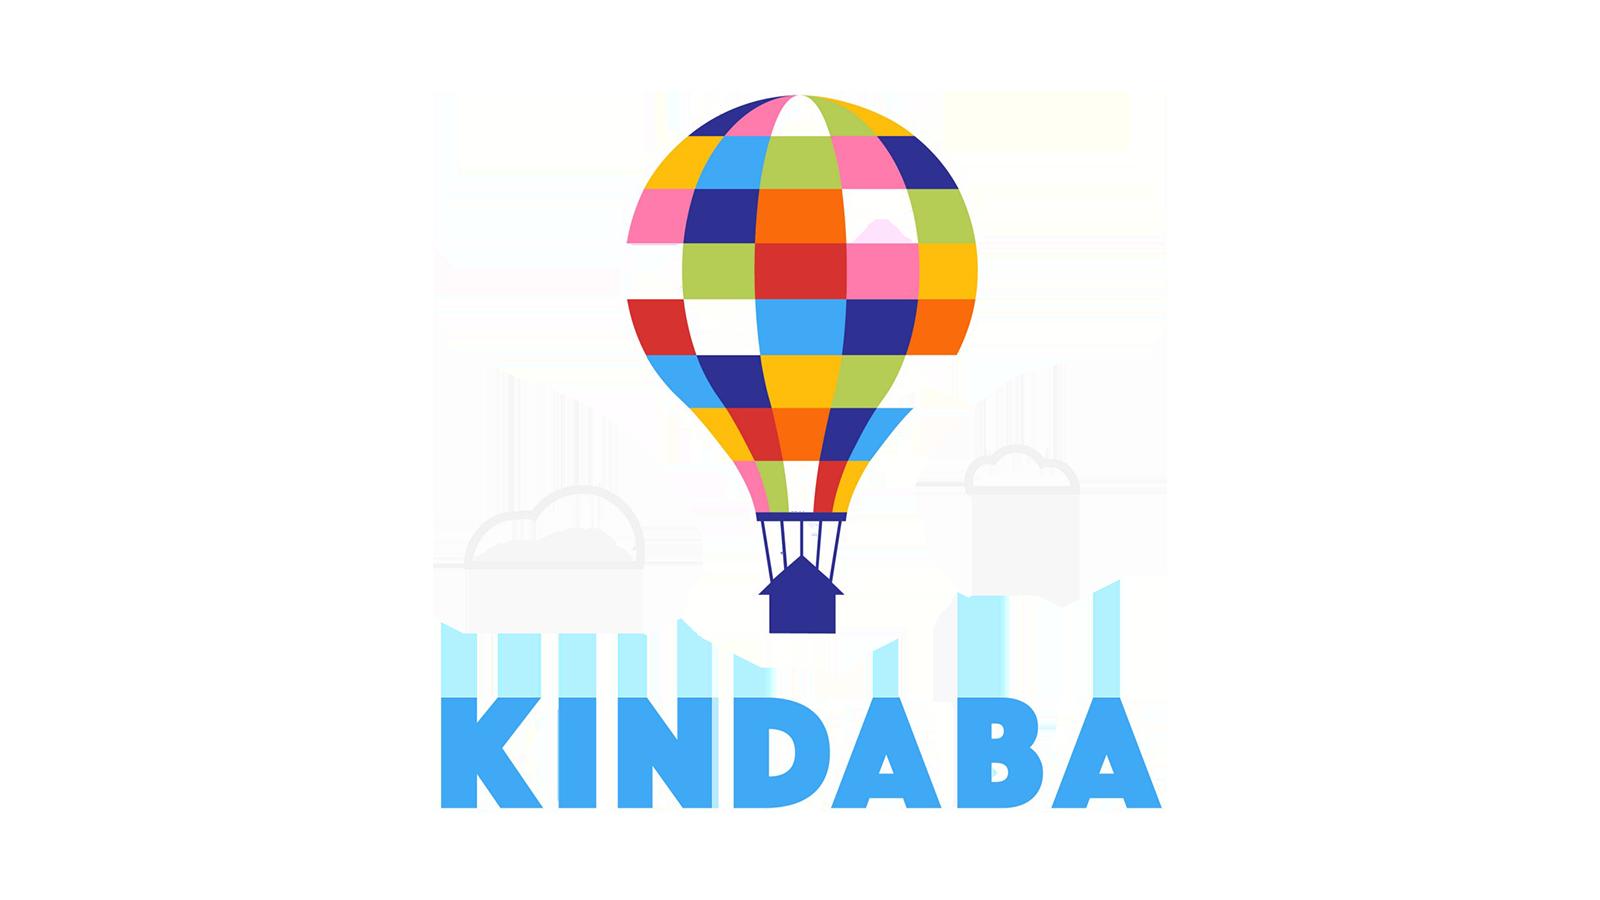 Kindaba